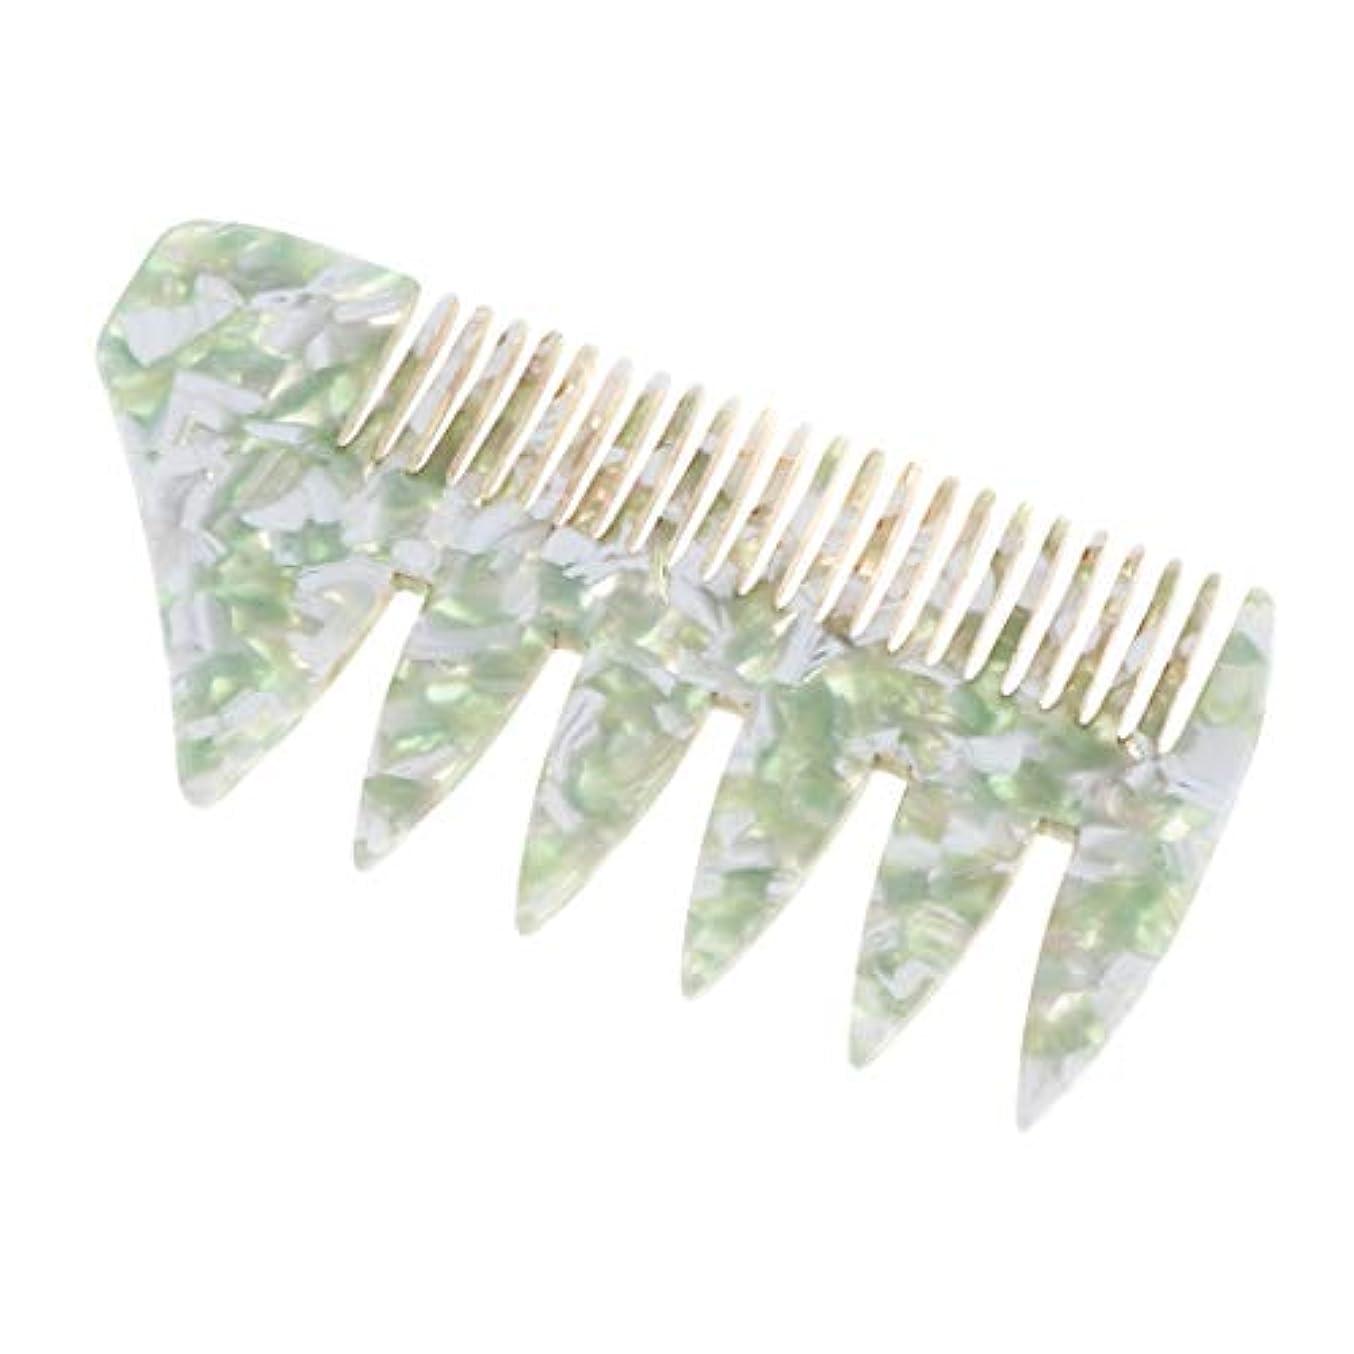 国水差しズボンSM SunniMix プラスチック 広い歯 ヘアスタイリング櫛 くし 全4色 - 緑